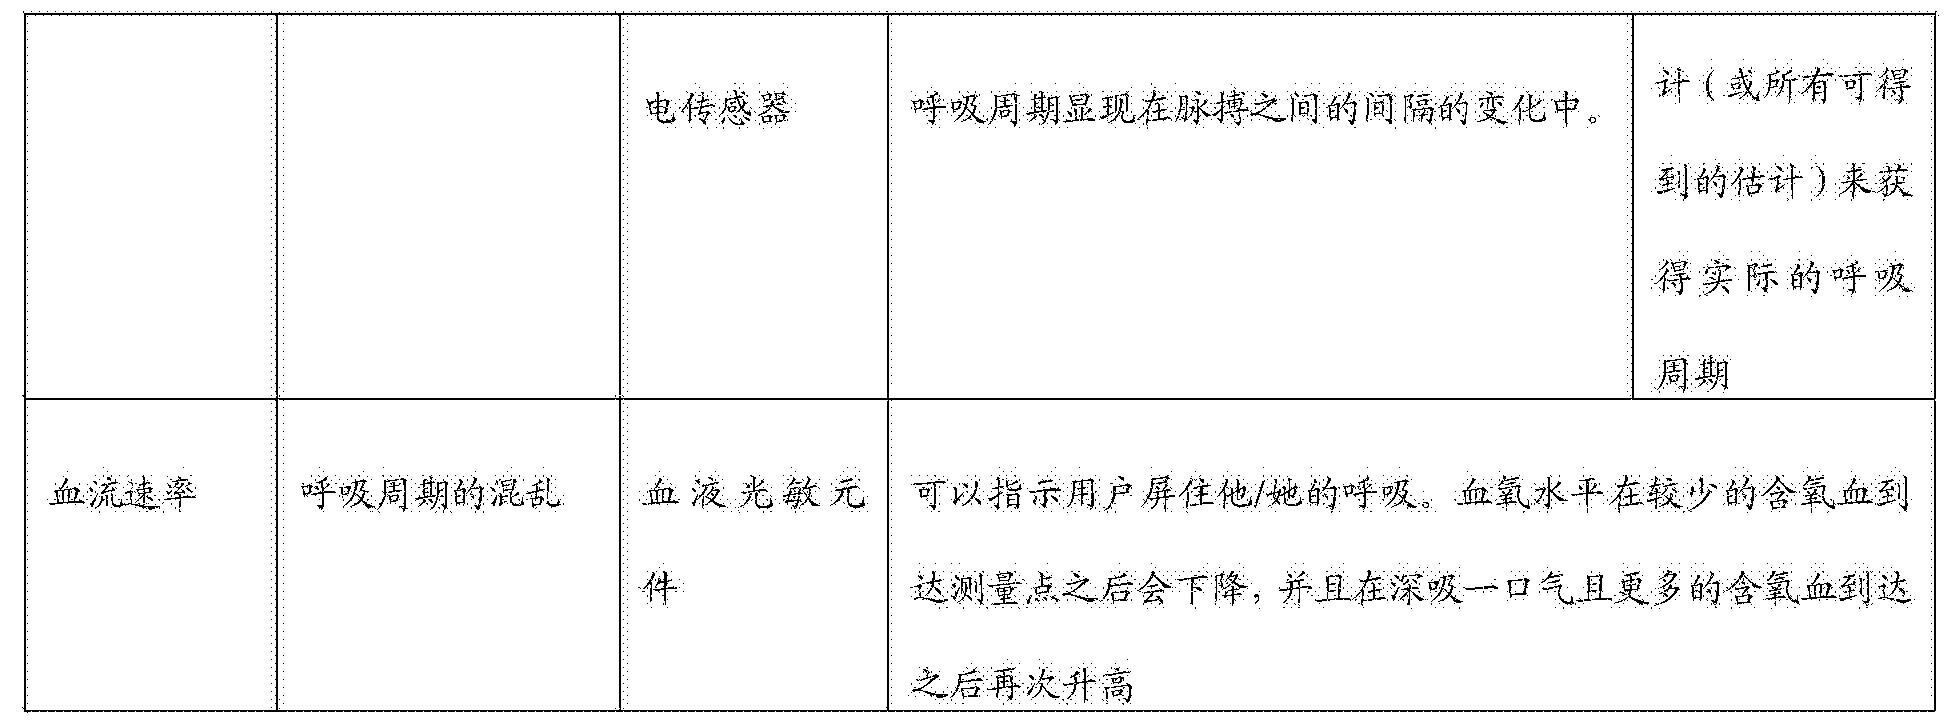 Figure CN103648373BD00121